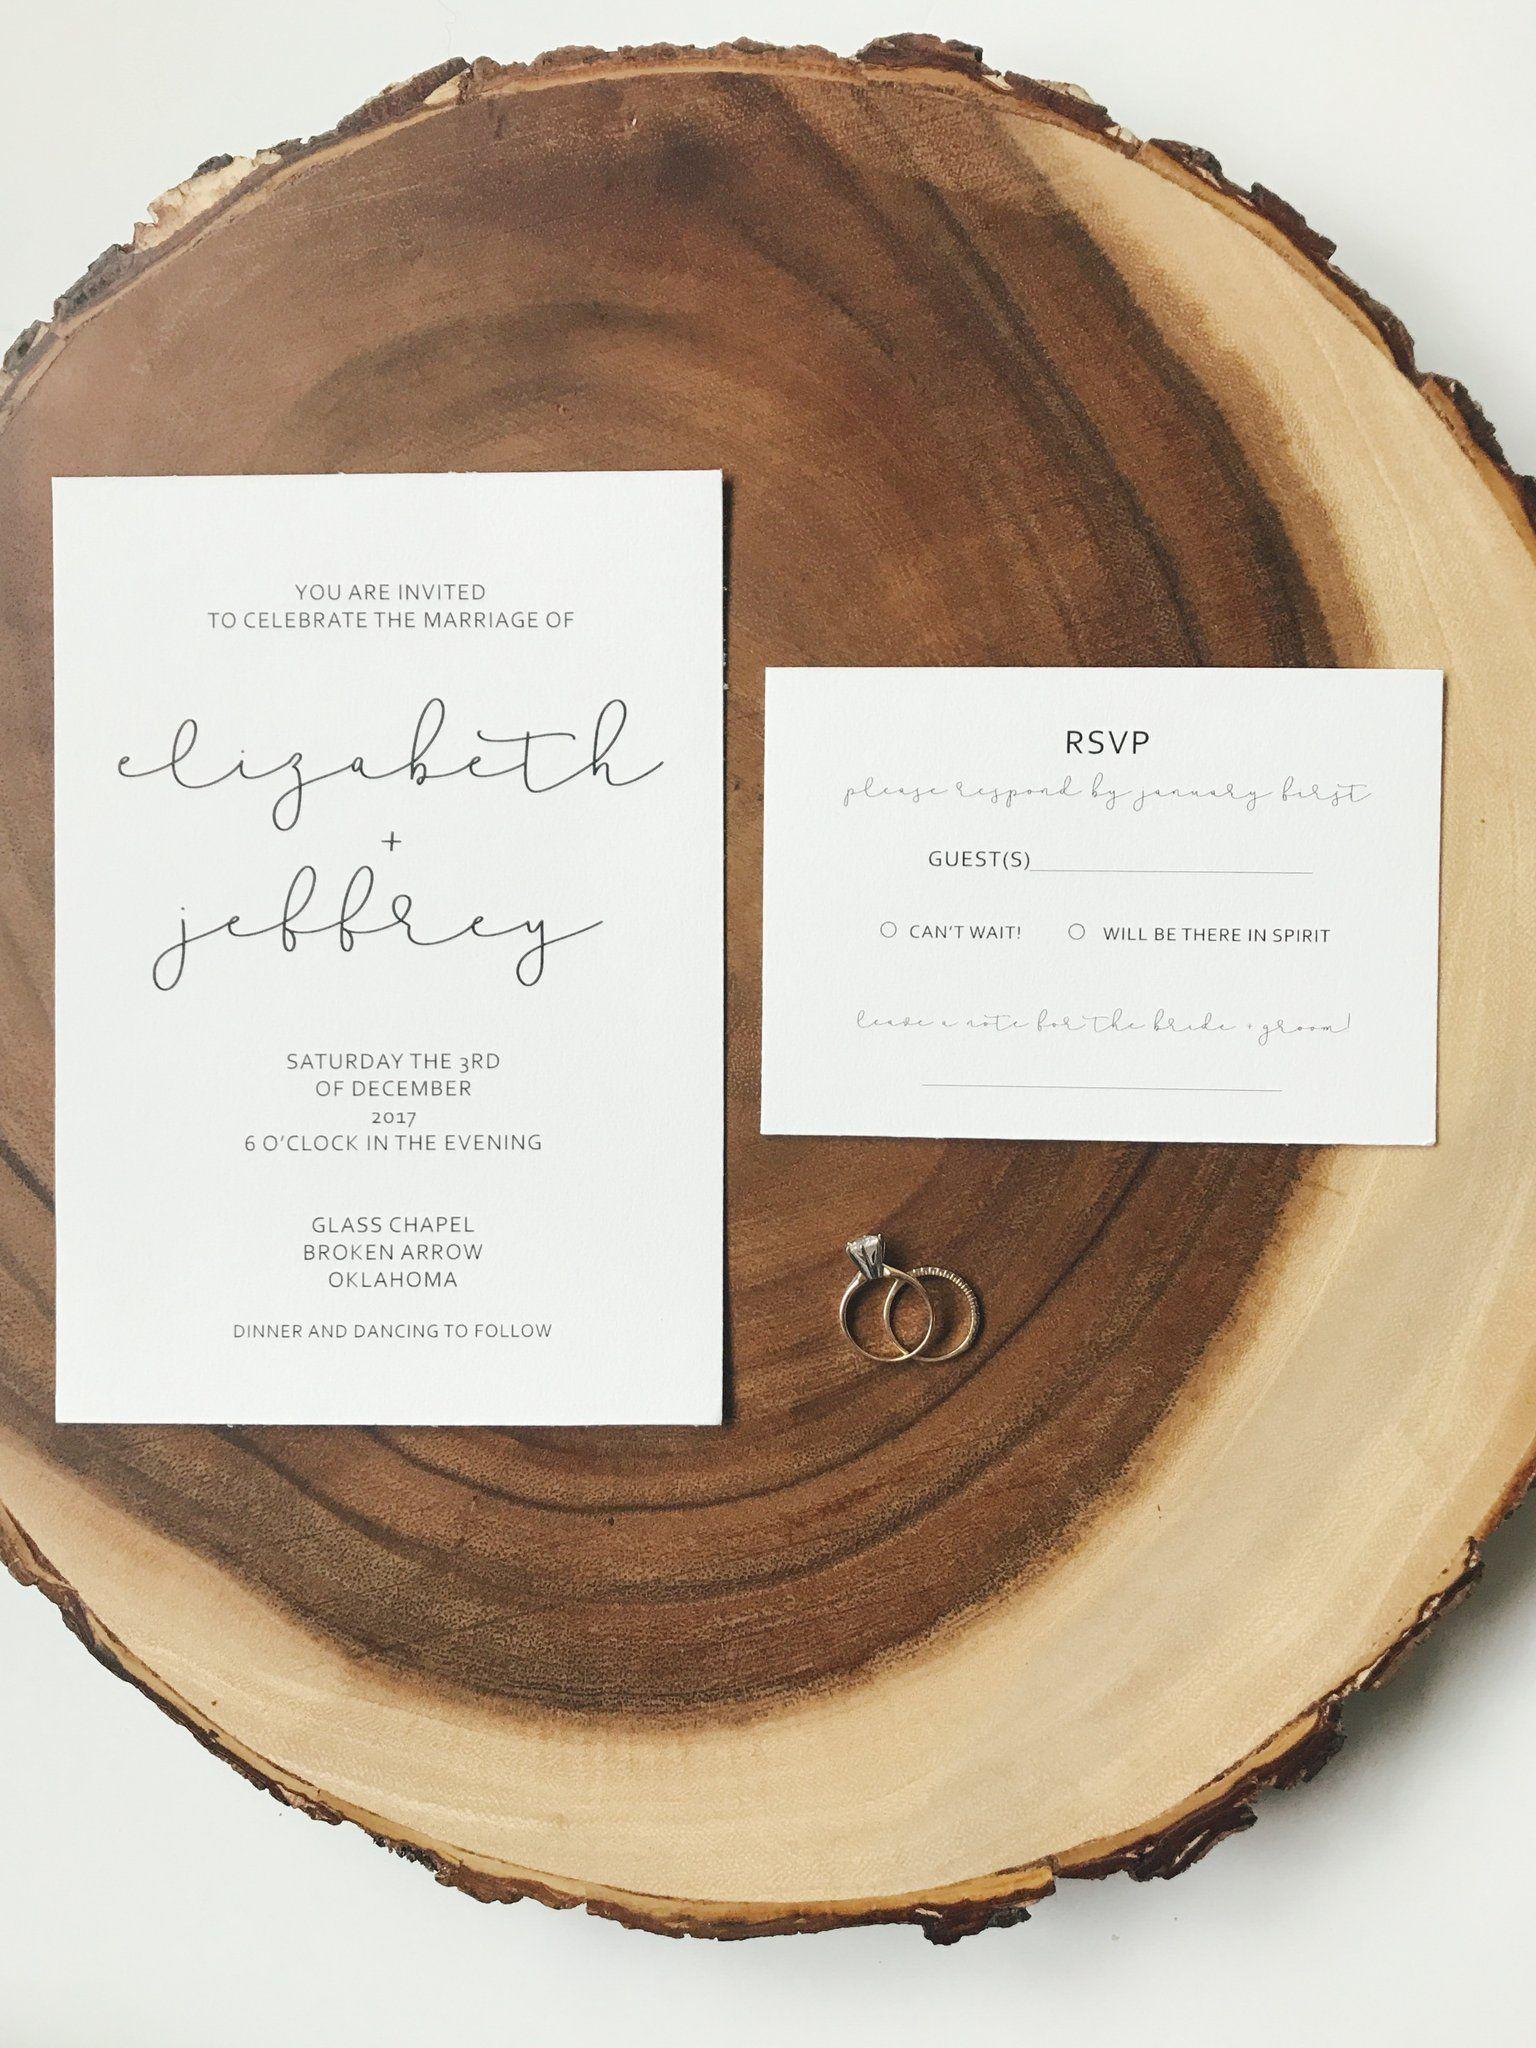 Minimal Sweet Wedding Invitation Suite €� Faith Kristina Design House: Tree Wedding Invitations Arrow At Reisefeber.org